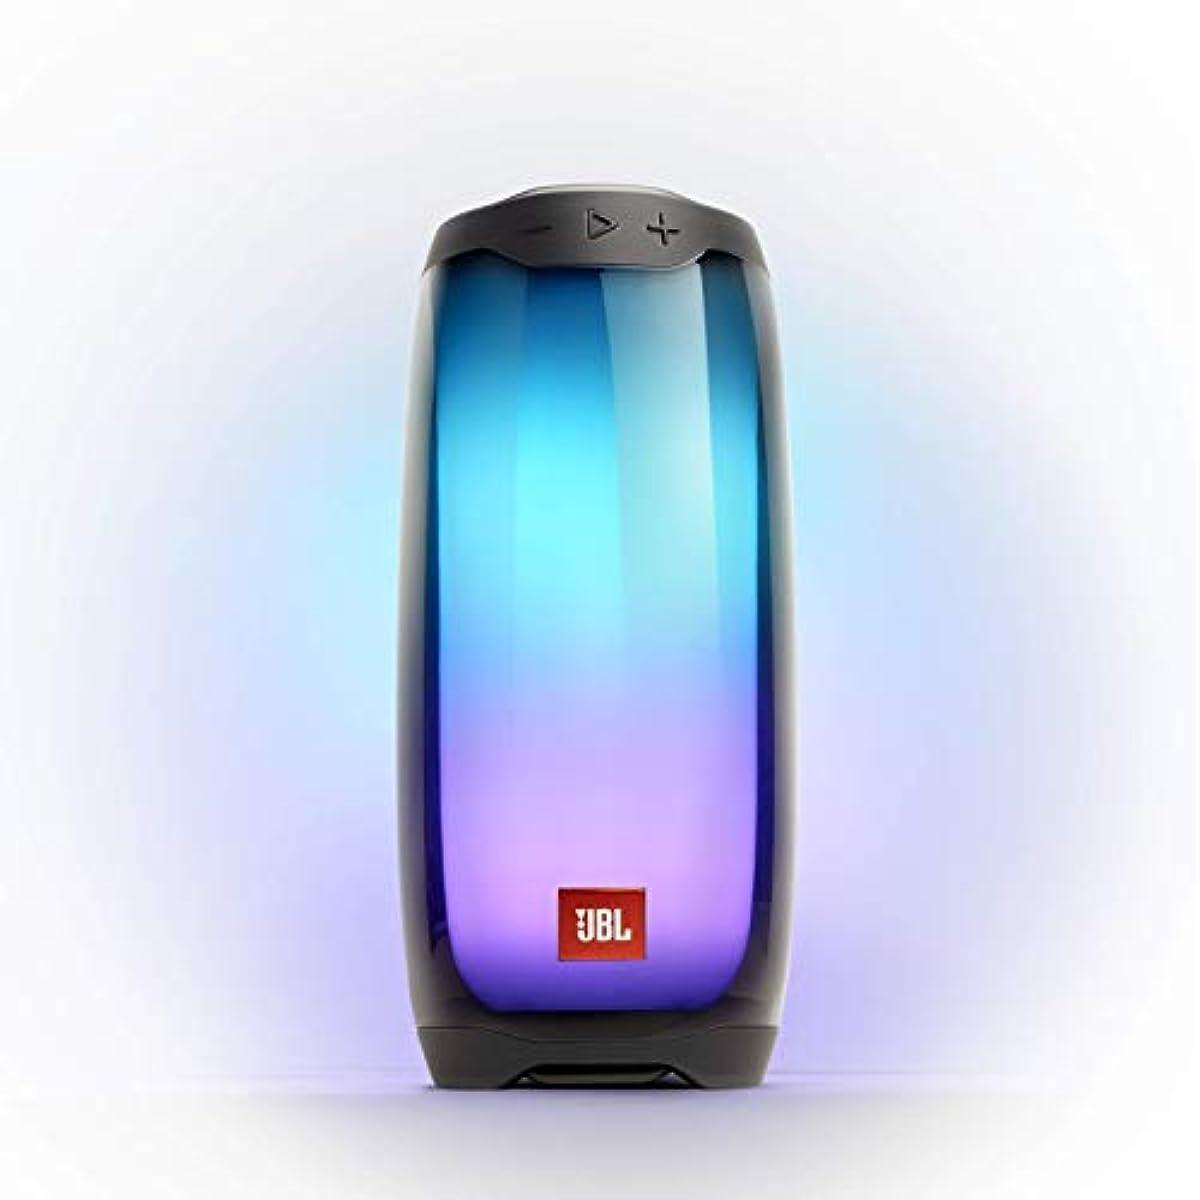 [해외] JBL PULSE 4 블루투스 스피커, 멀티 컬러 LED 블랙 JBLPULSE4BLK